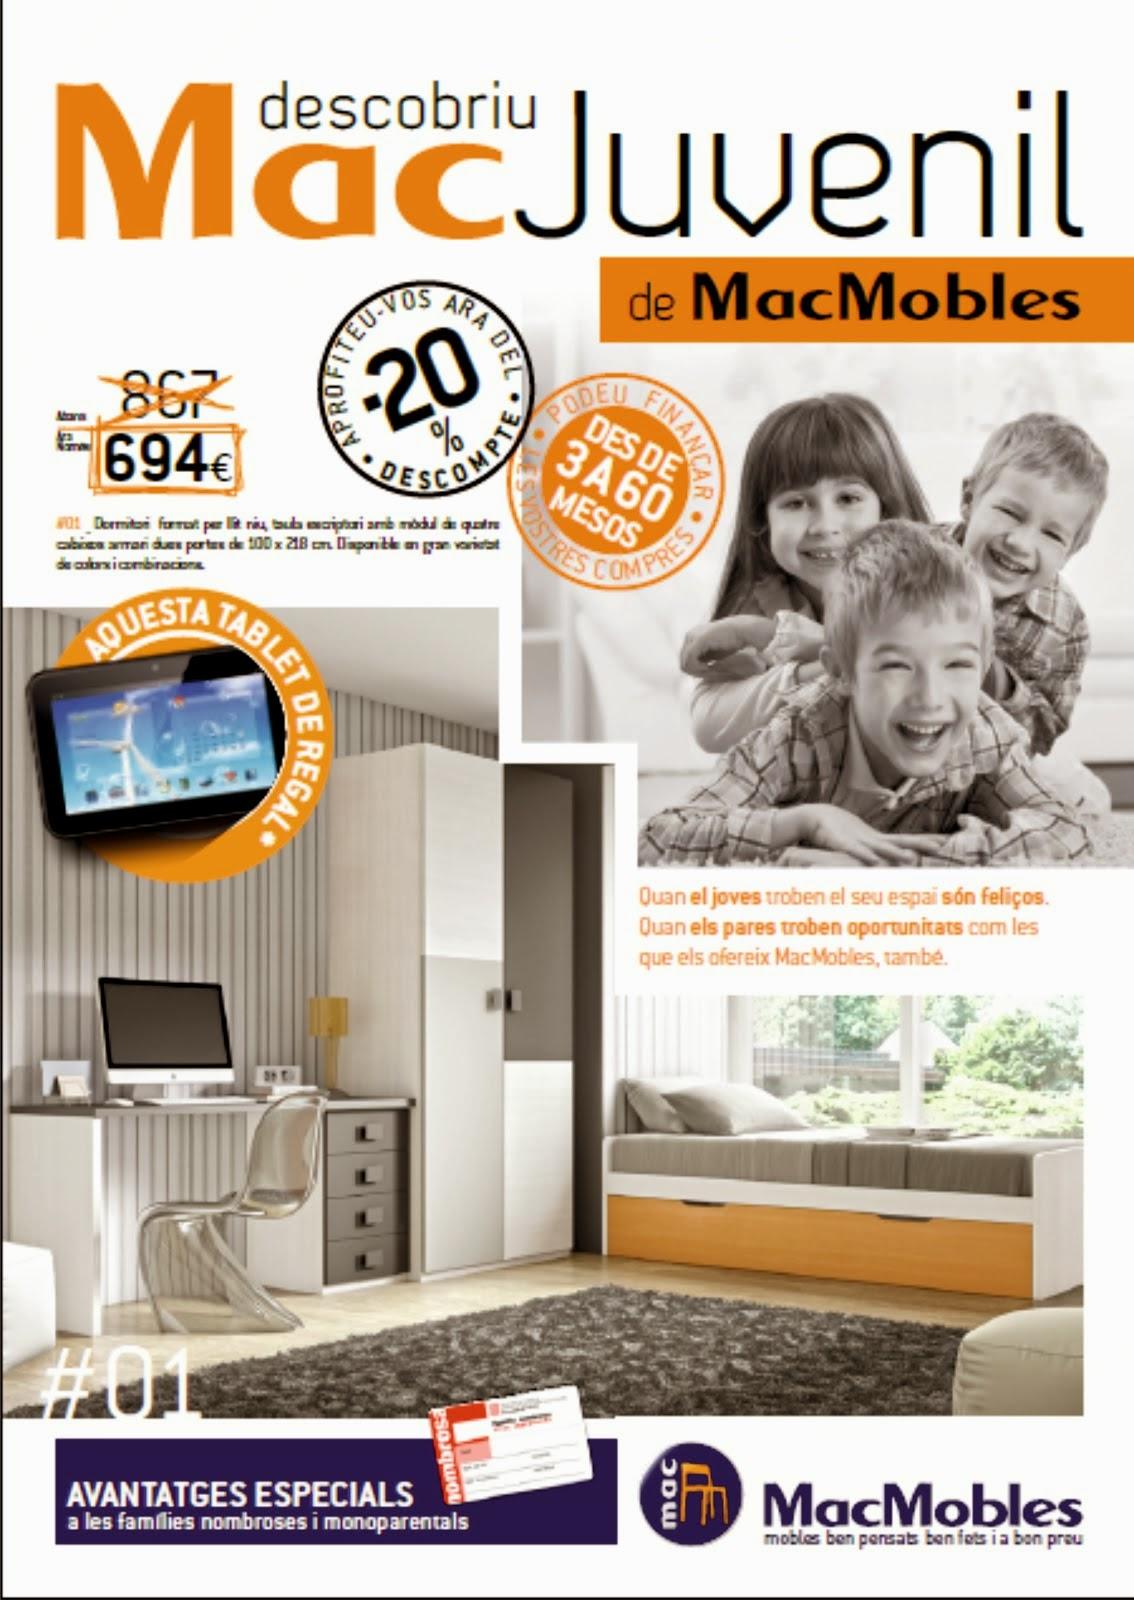 MacJuvenil - Especial Moble Infantil